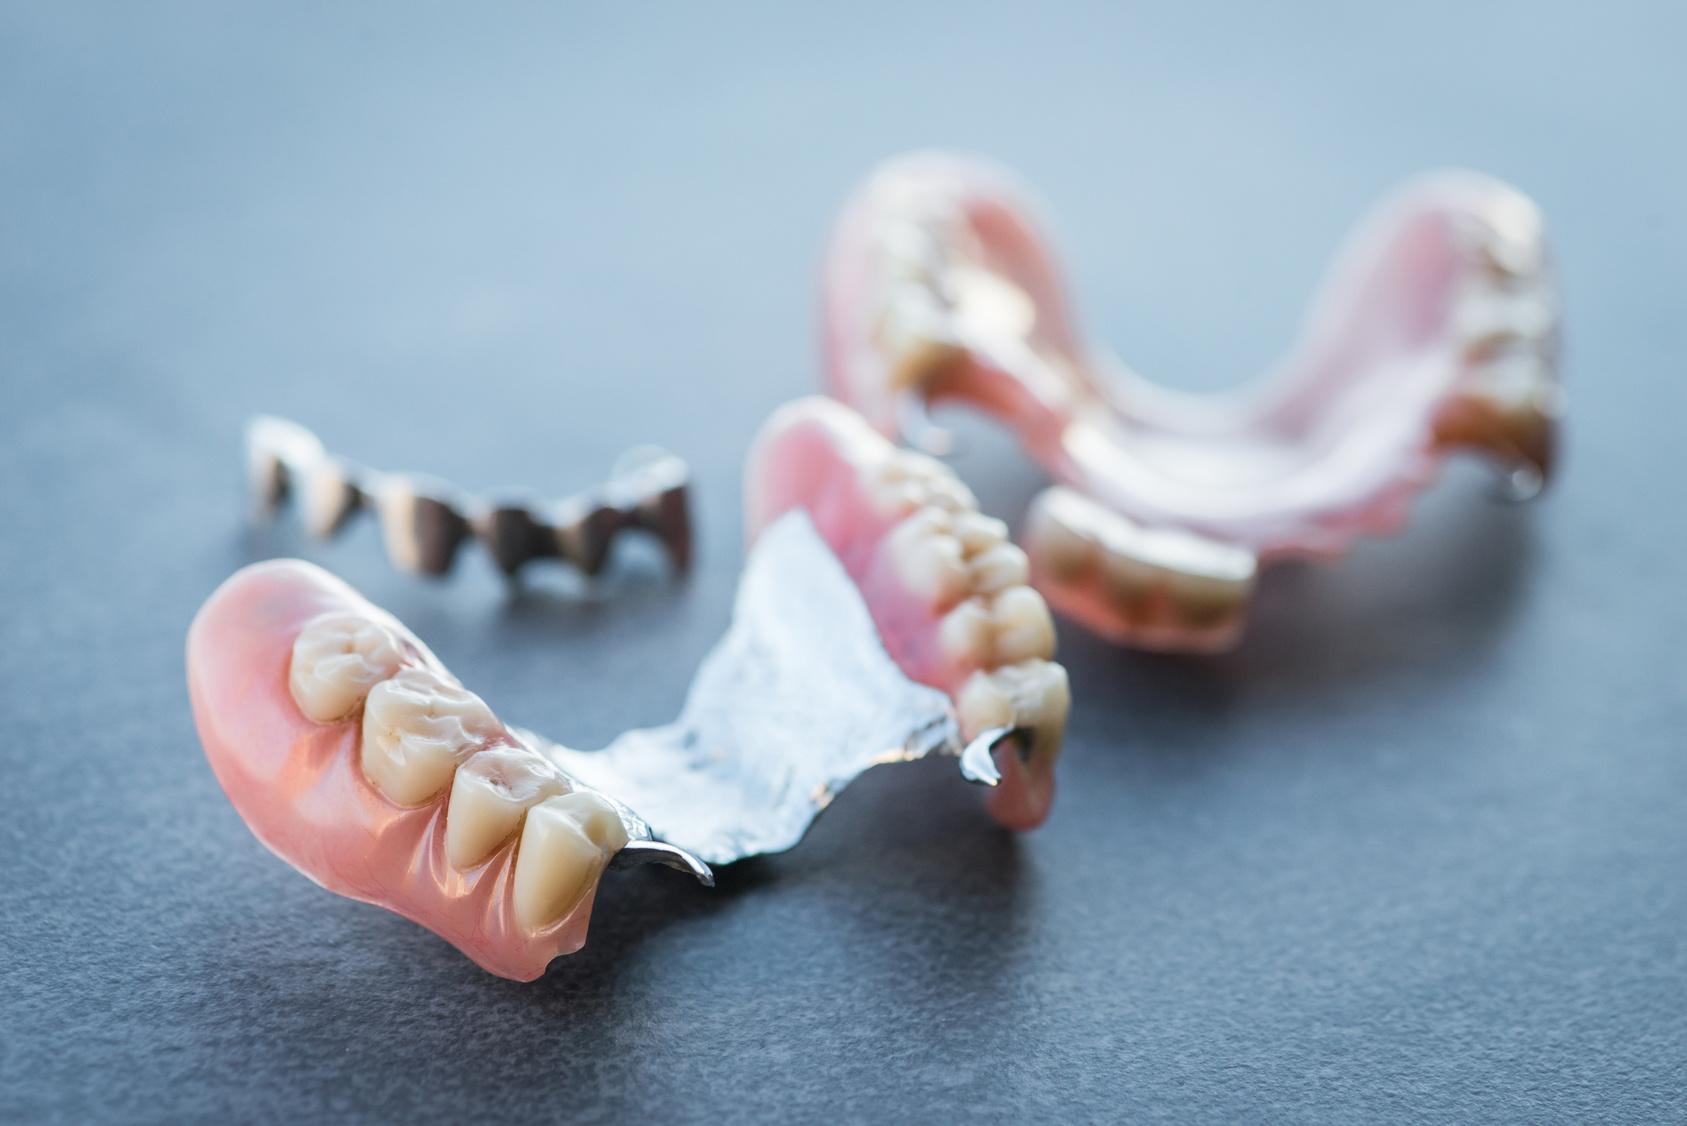 義歯(入れ歯)からインプラントにする場合